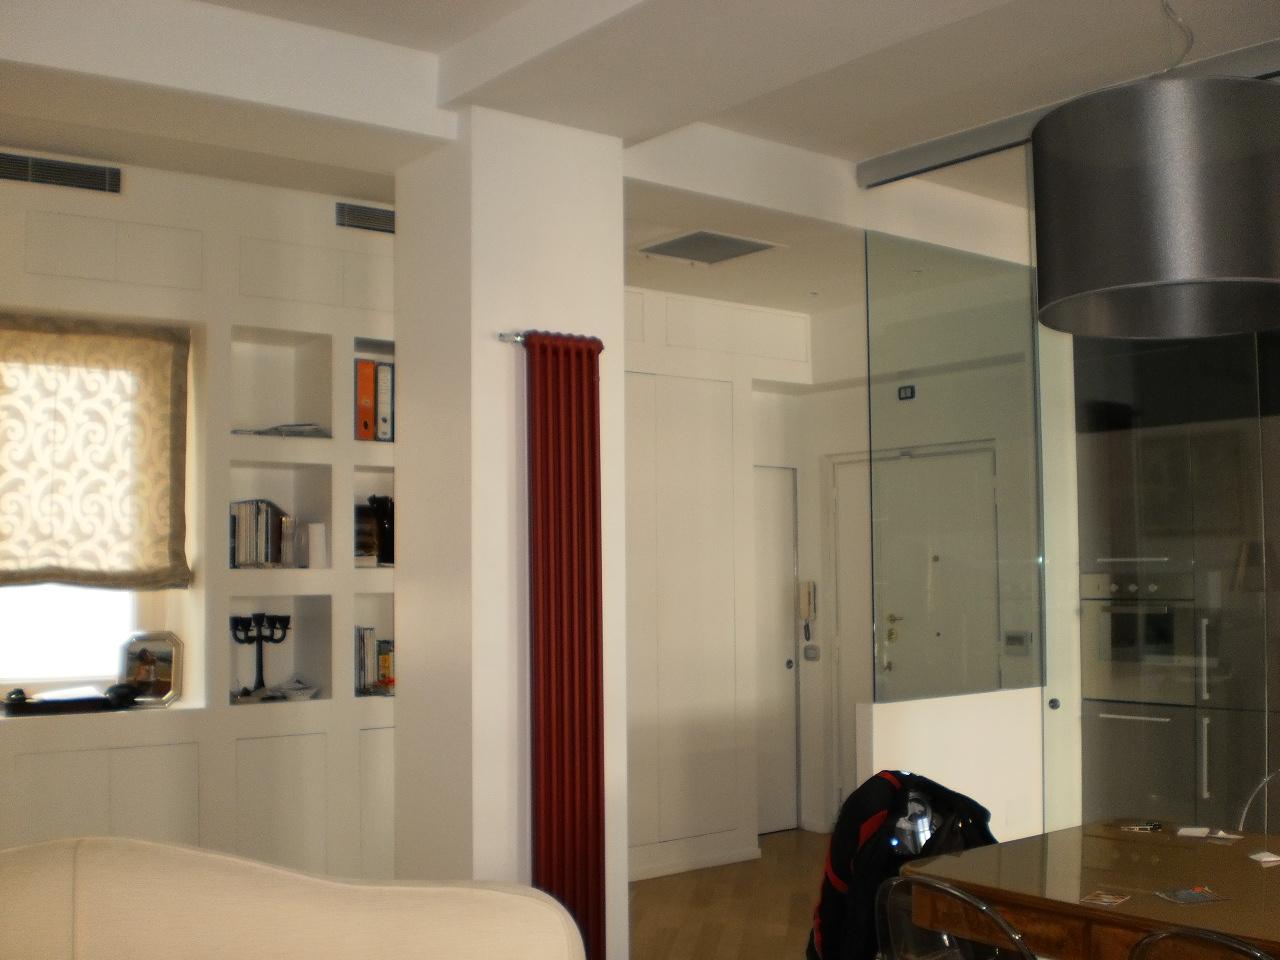 Super Forum Arredamento.it •Sala e Cucina in 21 mq IQ38